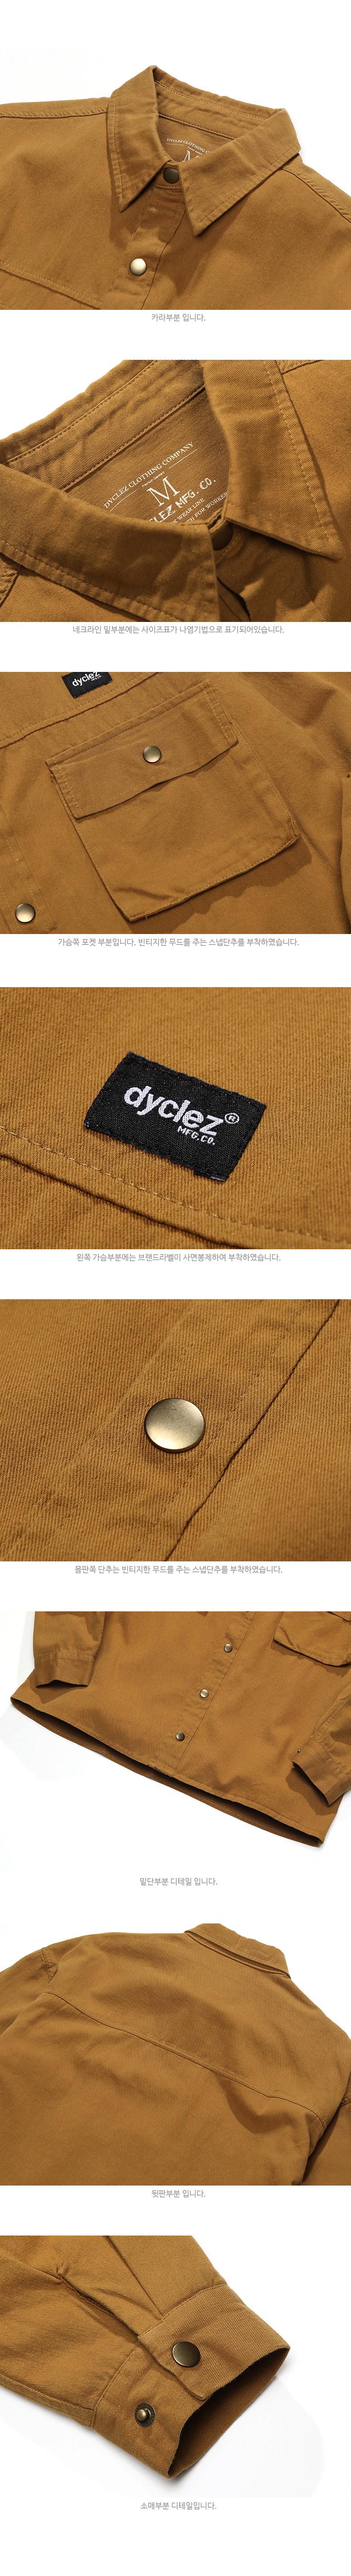 KHLS5087_detail_beige_02.jpg